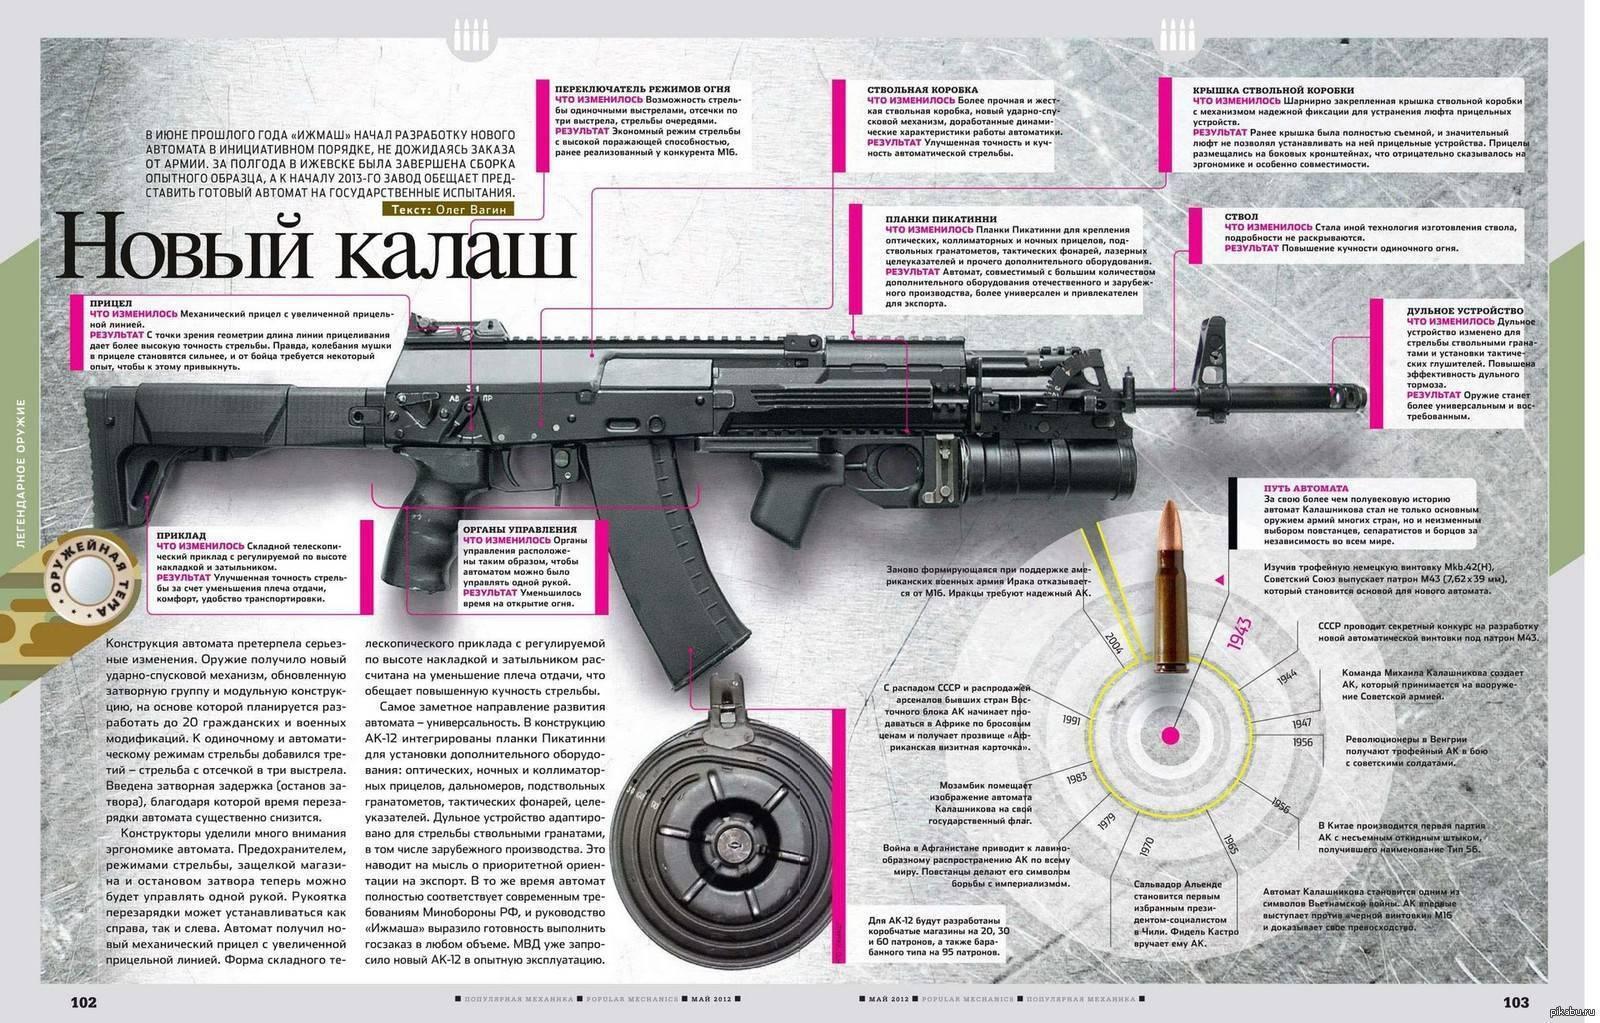 Fn scar штурмовая винтовка — характеристики, фото, ттх